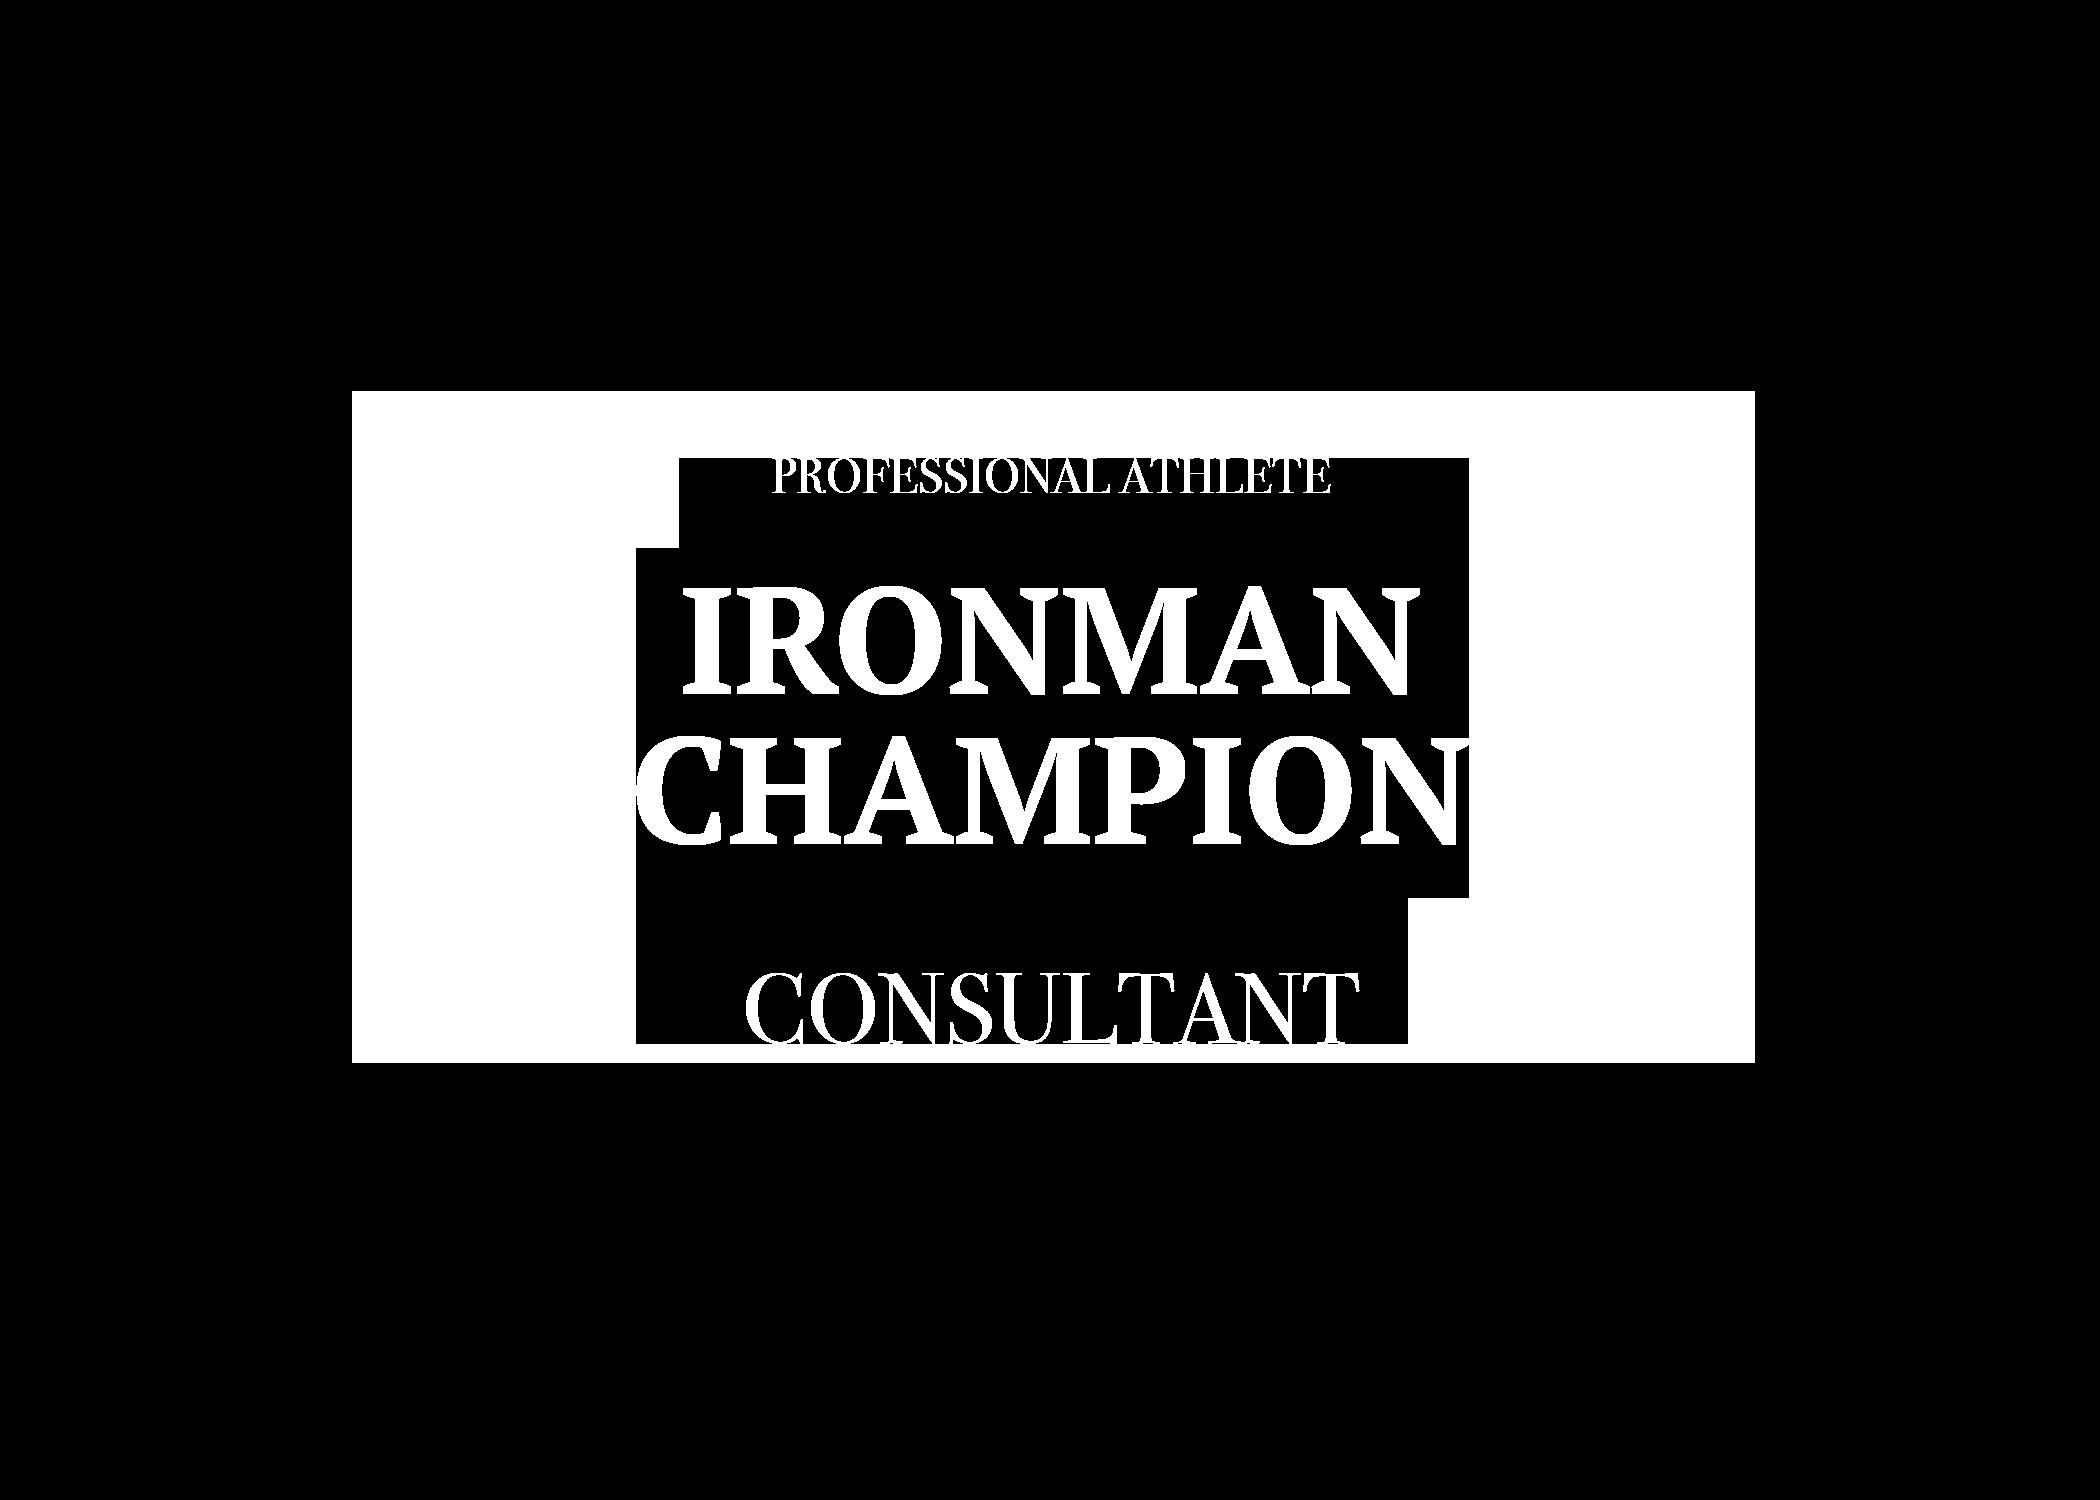 IM : Consultant.png